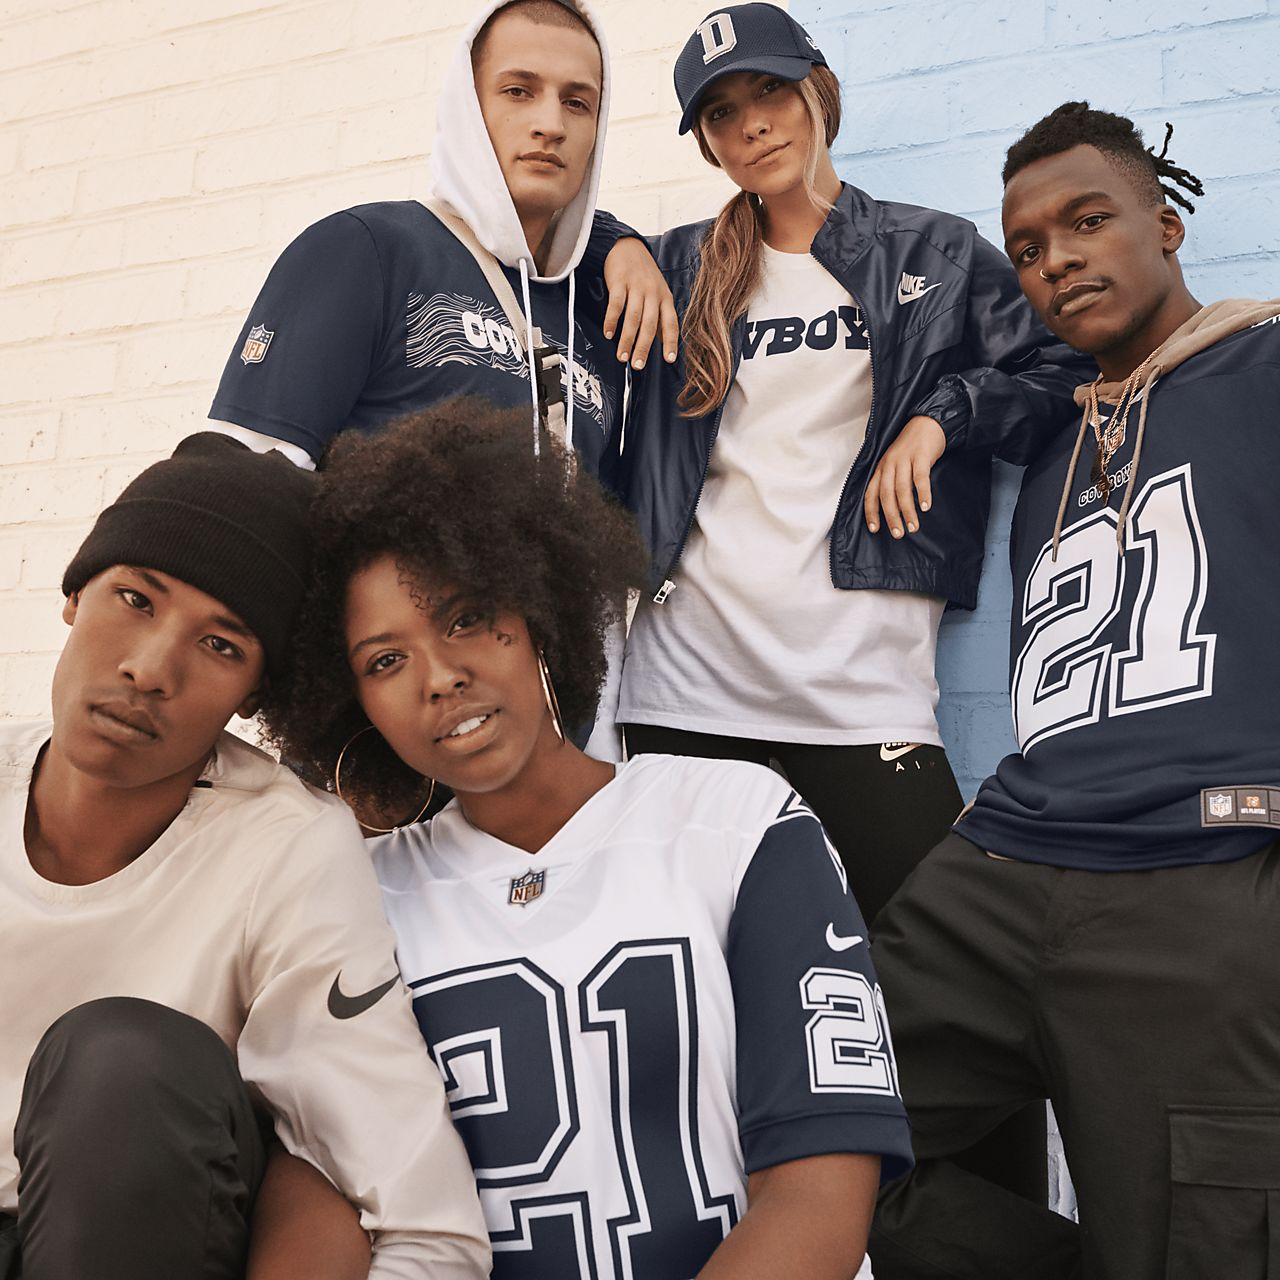 NFL Dallas Cowboys (Ezekiel Elliott) Men's Football Game Jersey